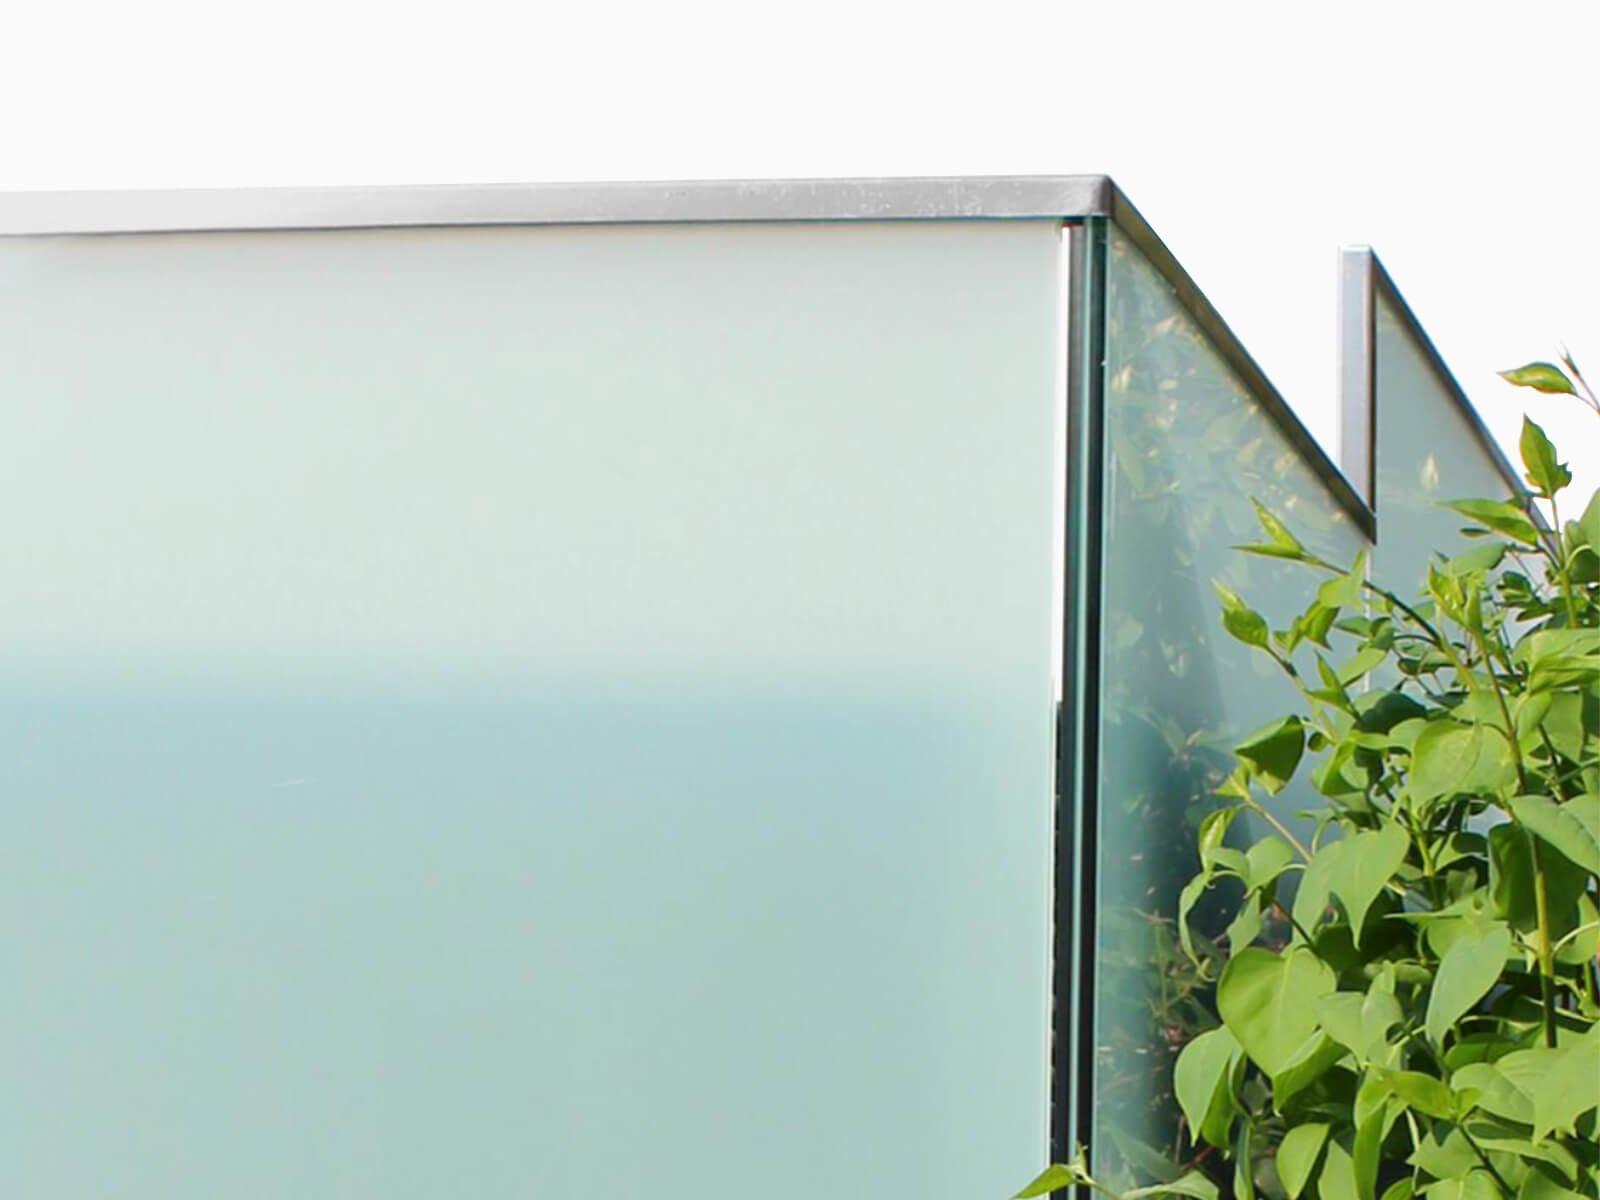 glaszaunsystem-perviento-mit-freitragender-moderner-ganzglasoptik